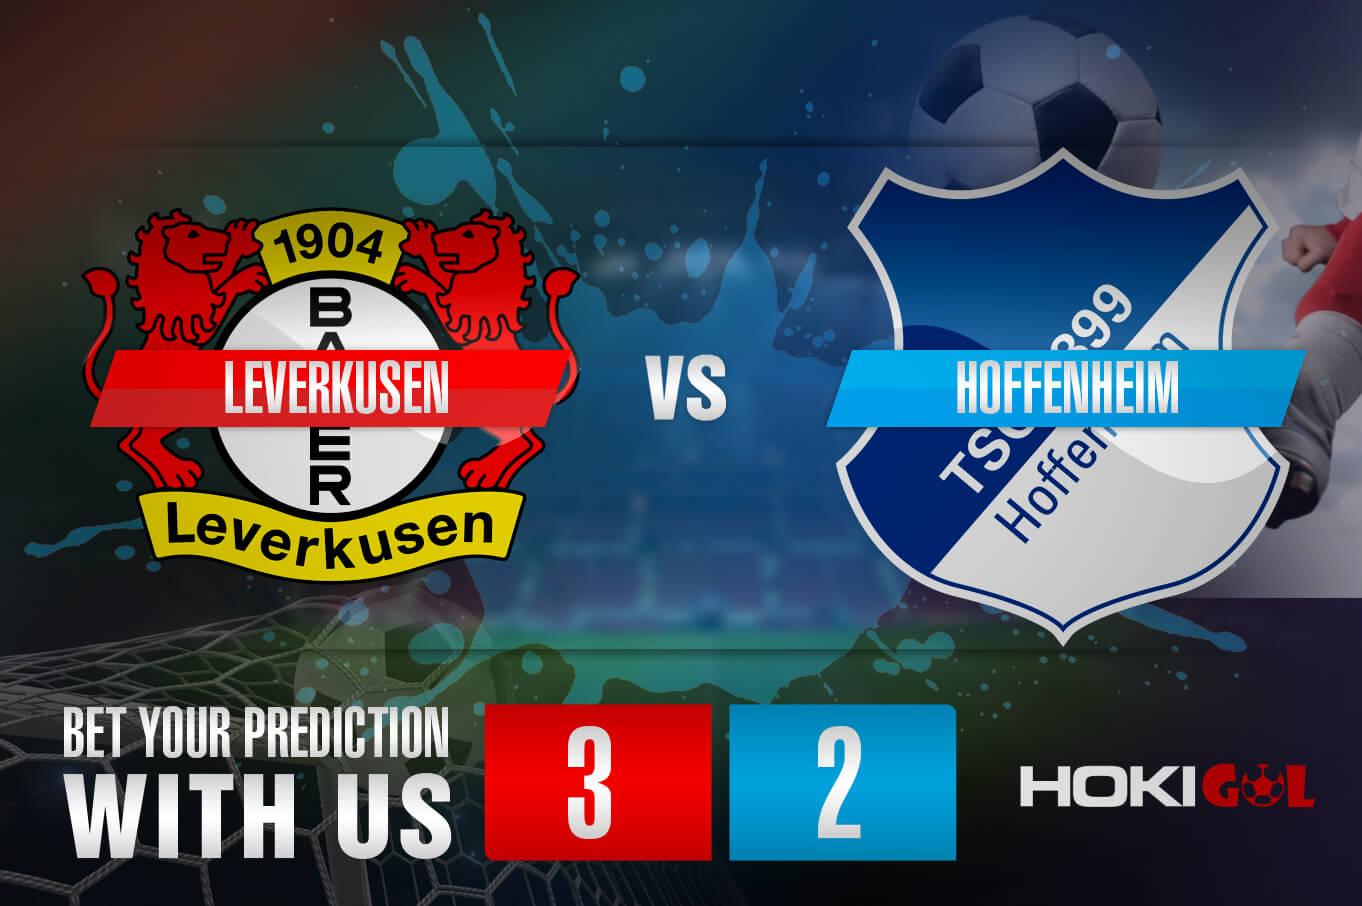 Prediksi Bola Leverkusen Vs Hoffenheim 14 Desember 2020